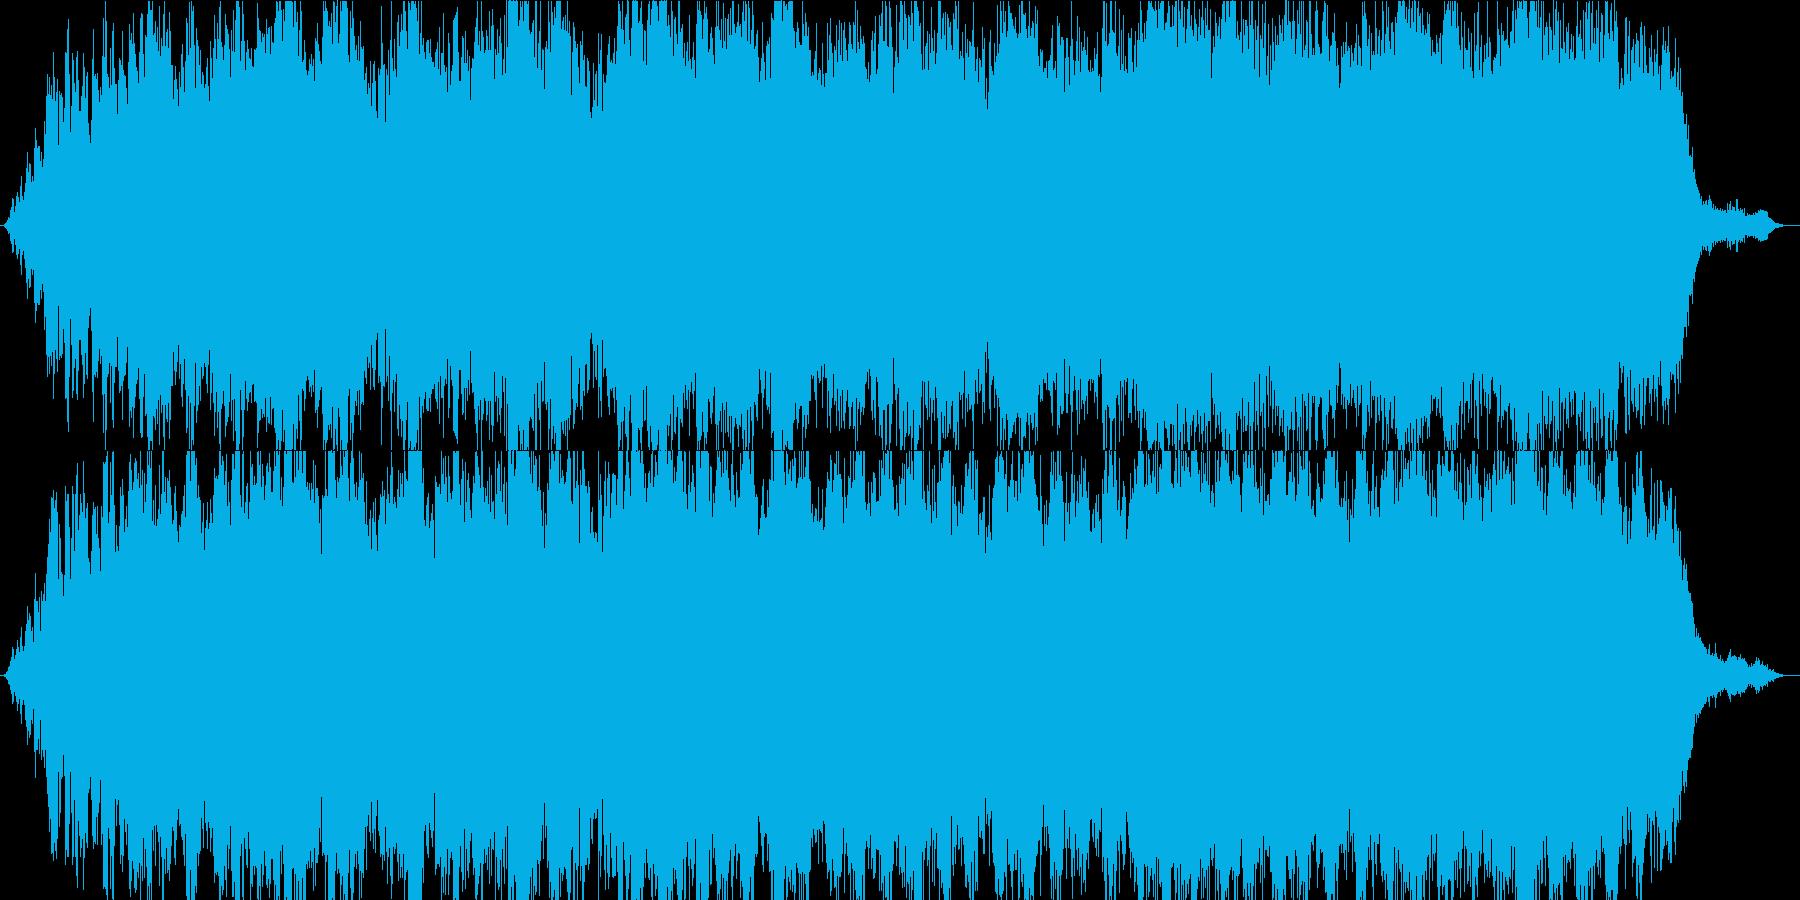 アンビエント系の曲 宇宙空間 神秘的の再生済みの波形